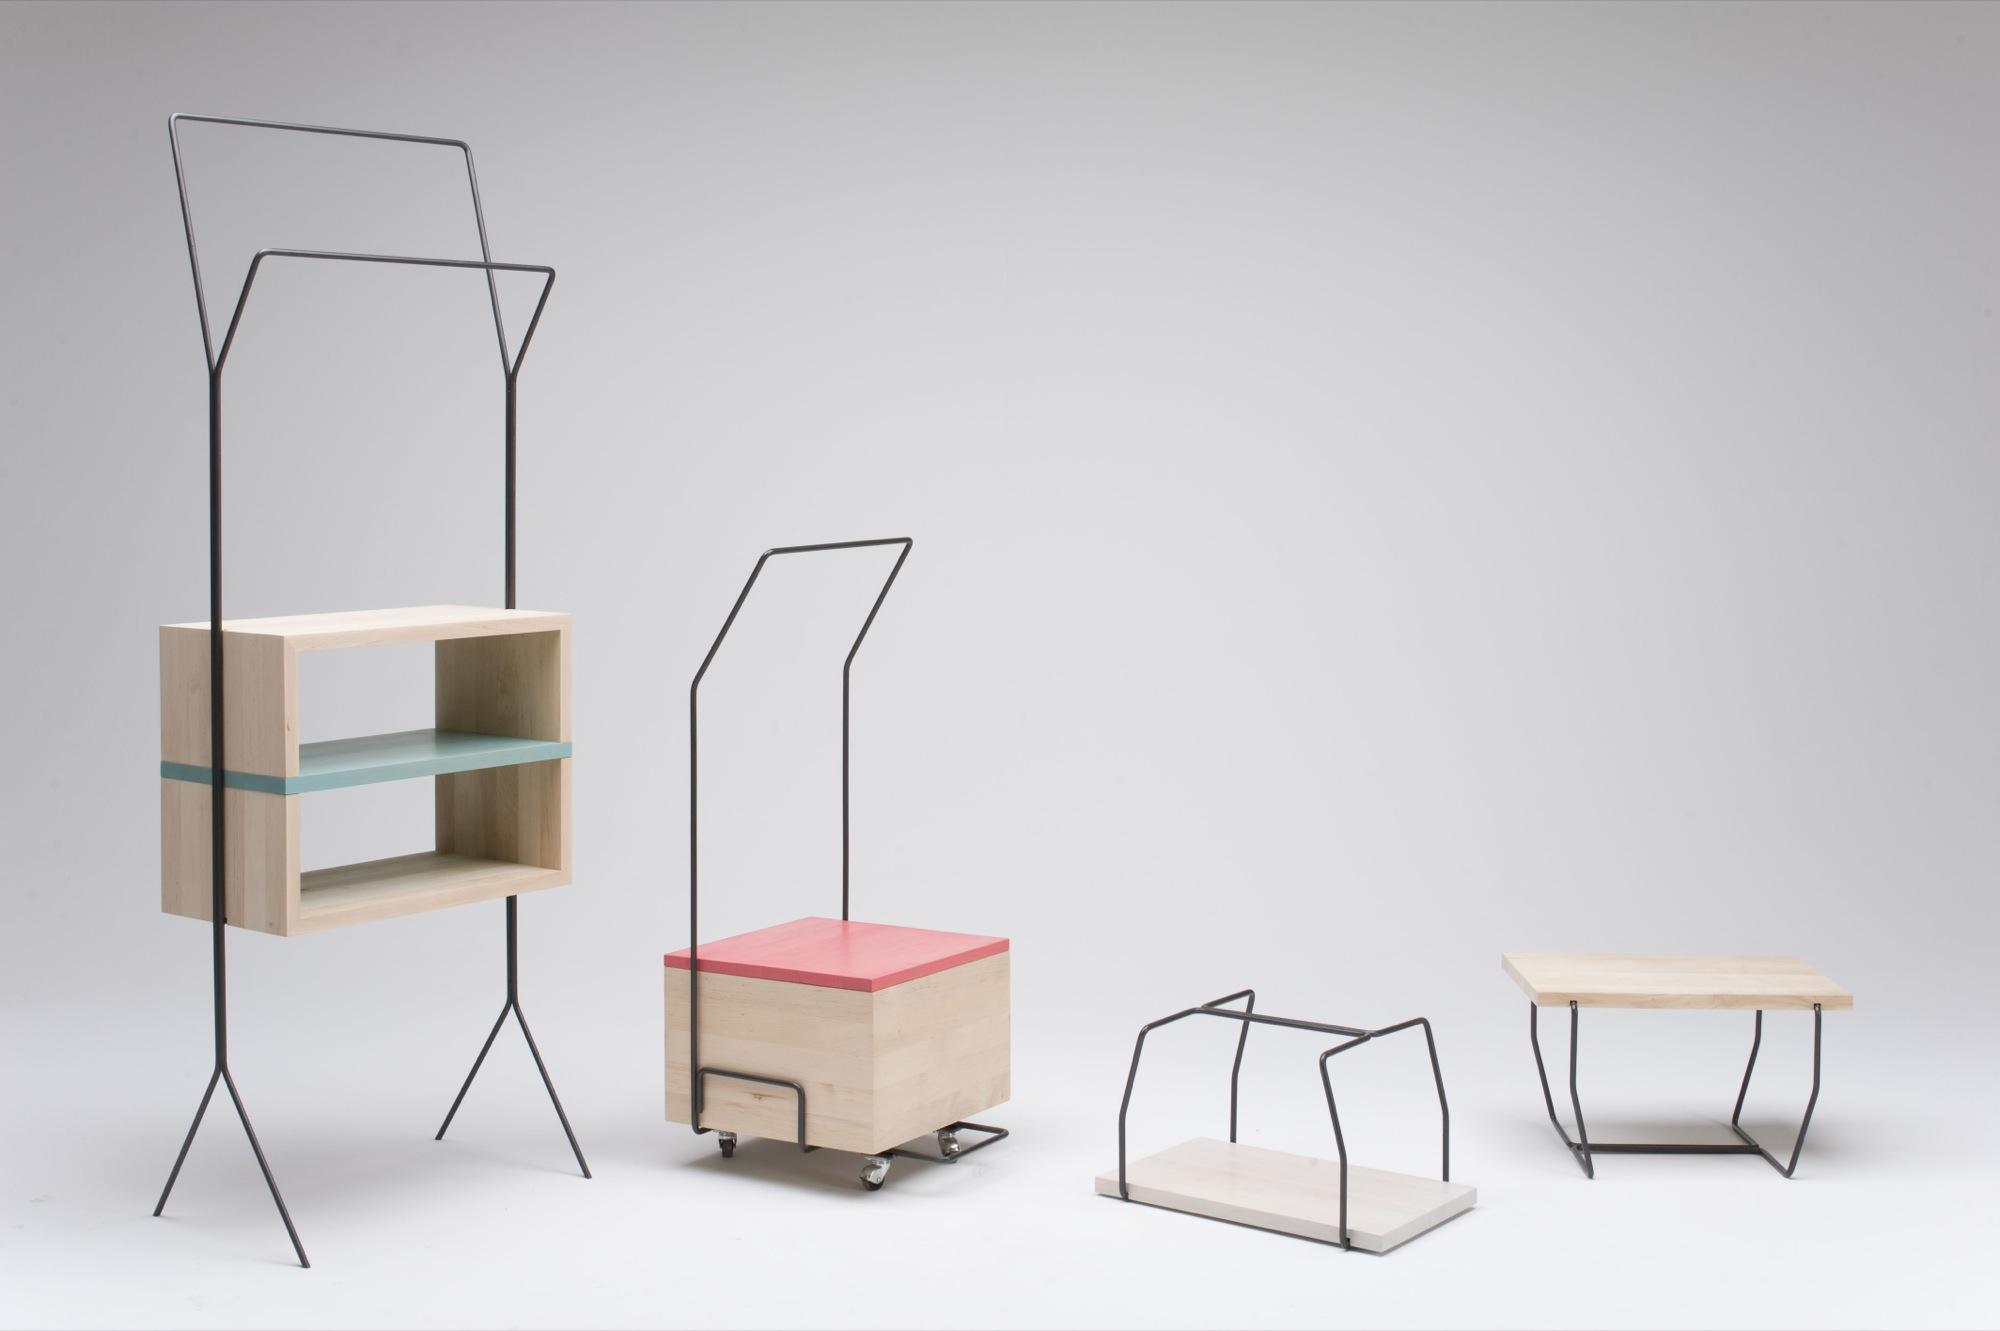 Coleção Maisonette / Simone Simonelli, © Cortesia de Simone Simonelli